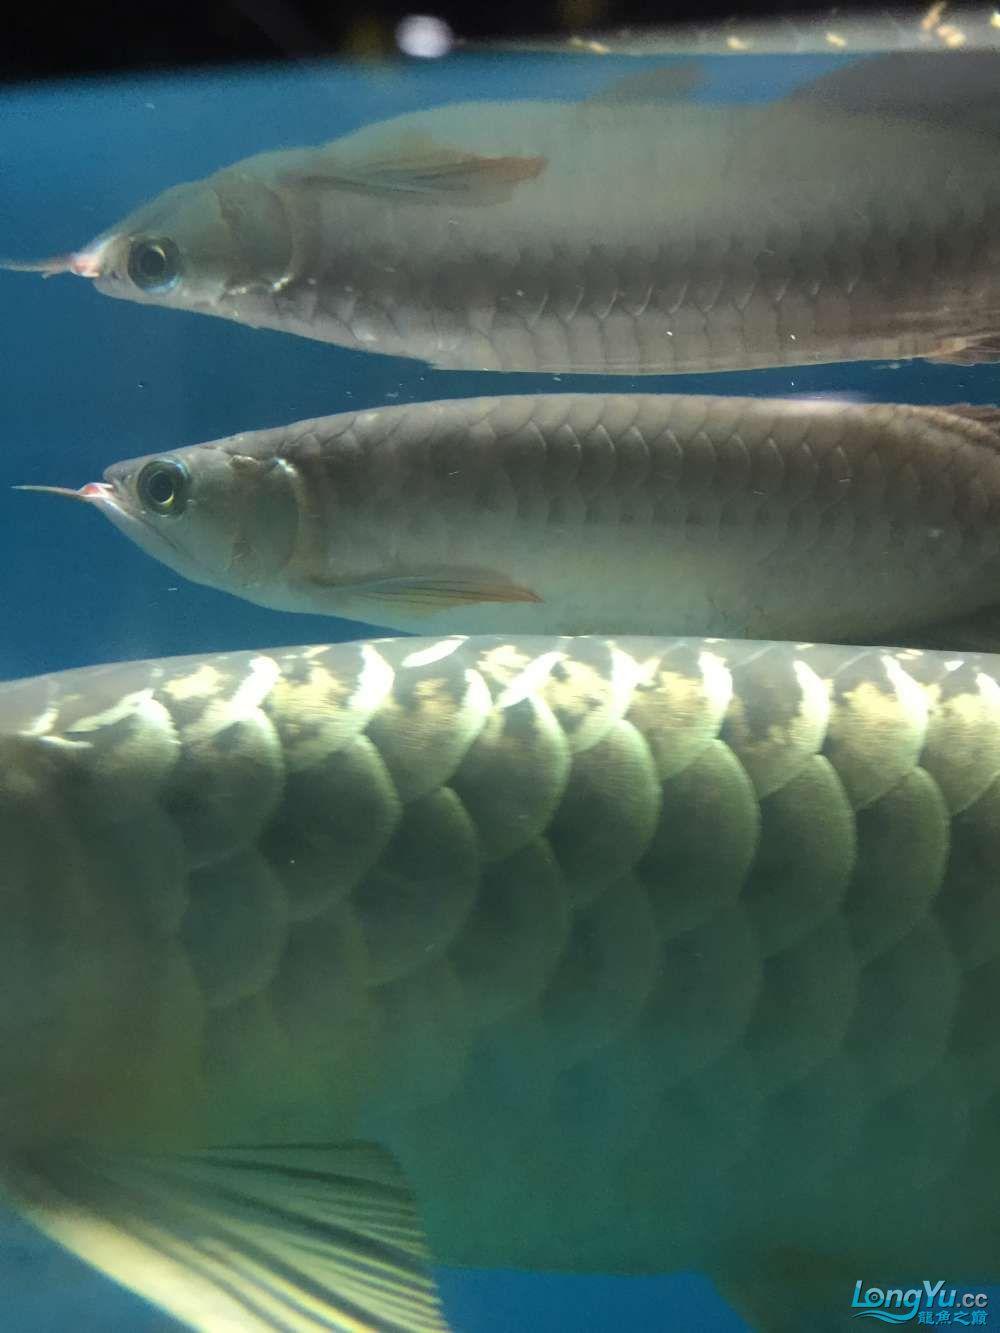 小红龙鳃盖的上的金色小点是什么病 杭州龙鱼论坛 杭州龙鱼第3张